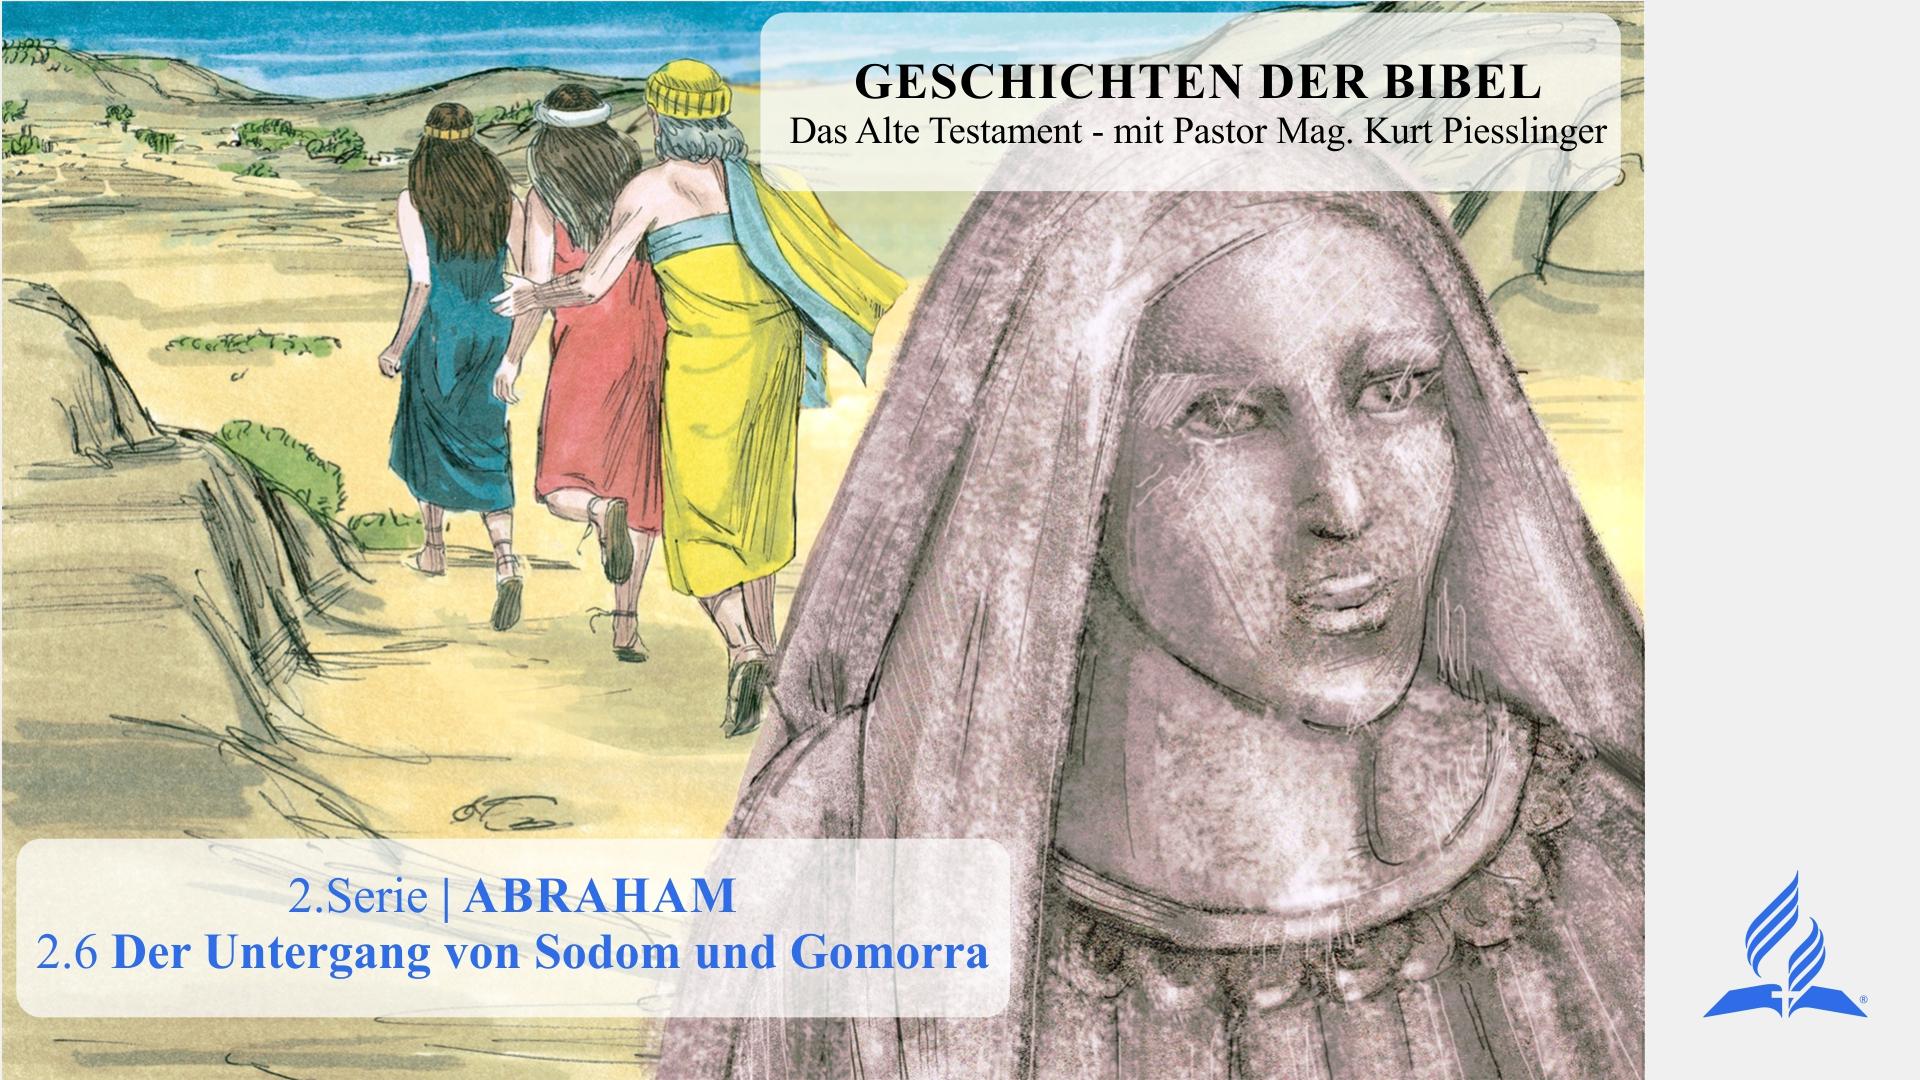 GESCHICHTEN DER BIBEL: 2.6 Der Untergang von Sodom und Gomorra – 2.ABRAHAM | Pastor Mag. Kurt Piesslinger